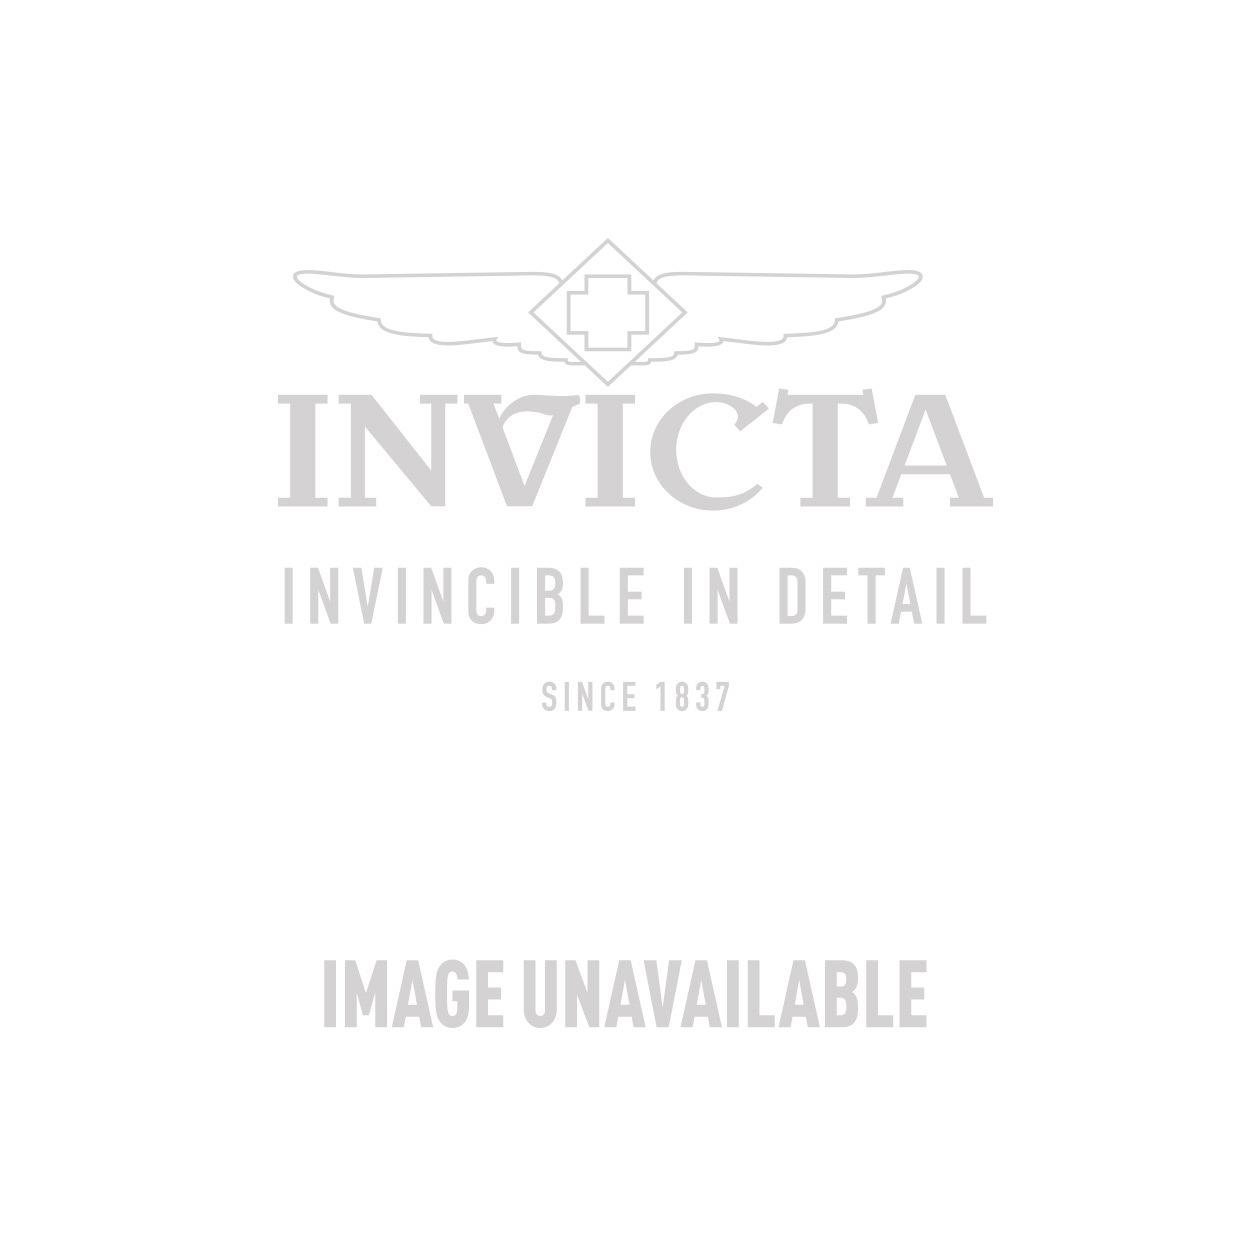 Invicta Model 30080